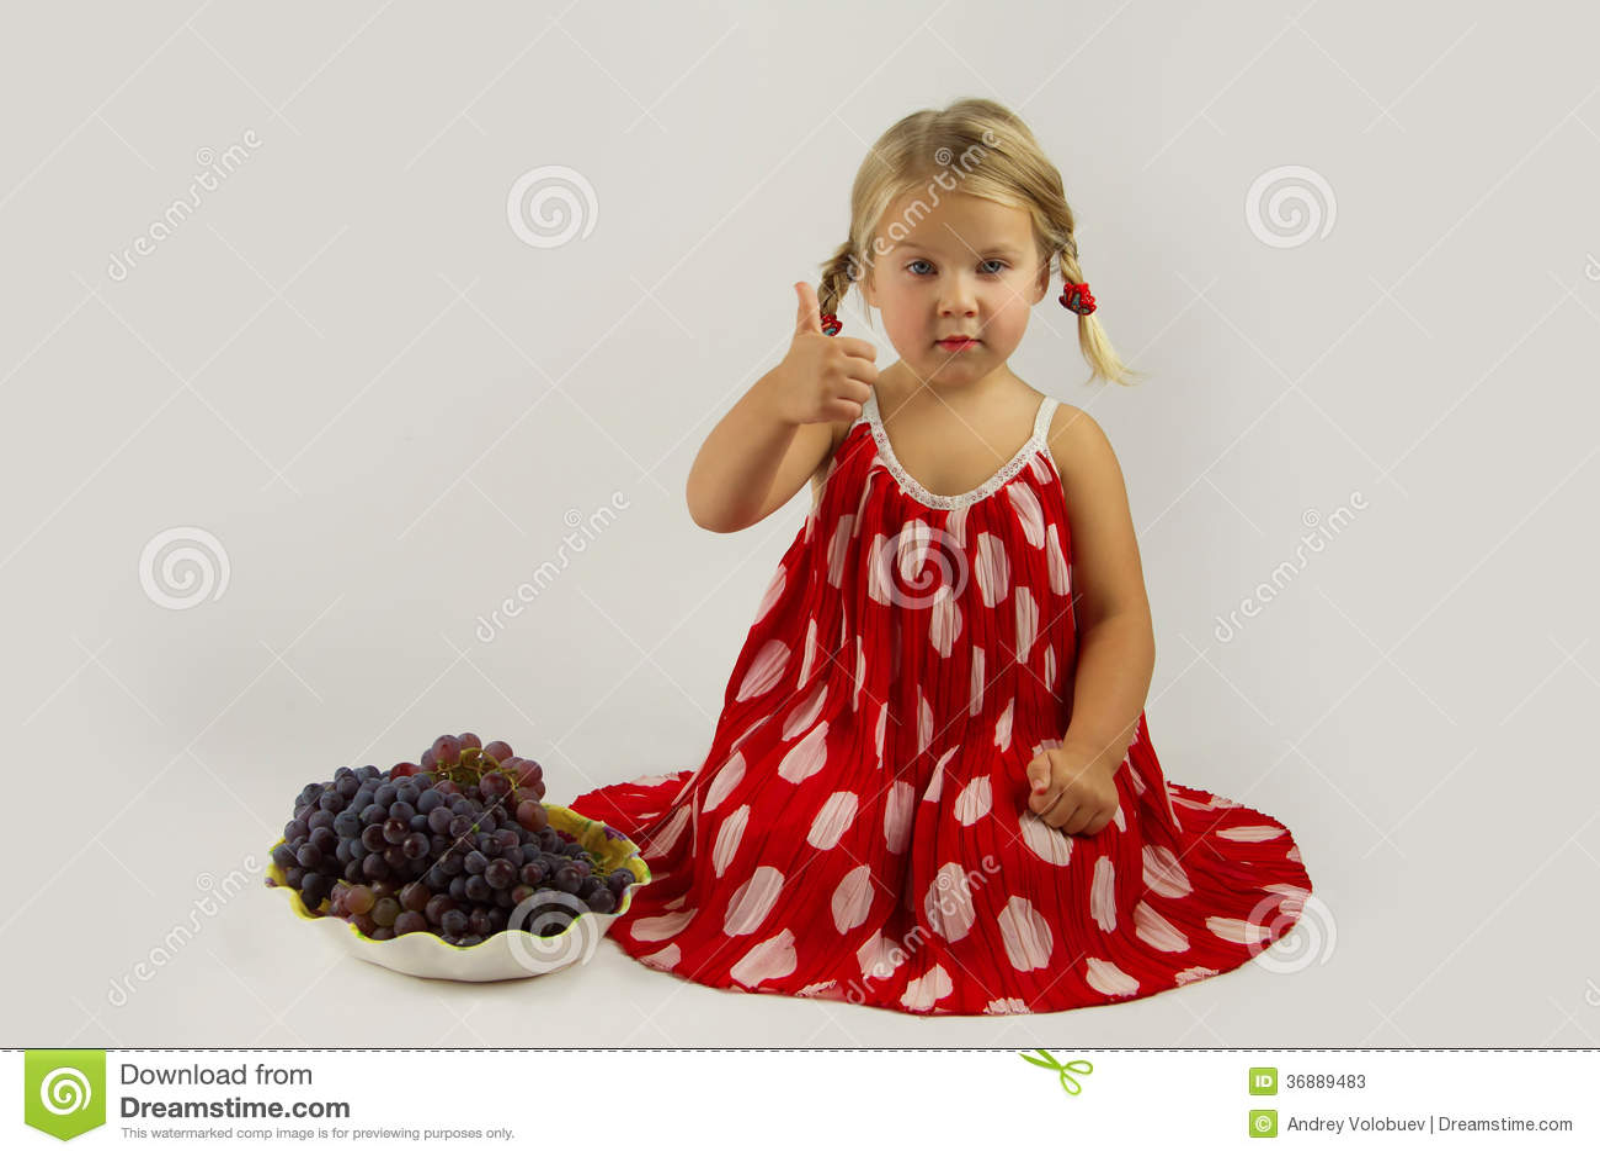 Download Ragazza Con Il Mazzo Di Uva Immagine Stock - Immagine di bambino, puntino: 36889483